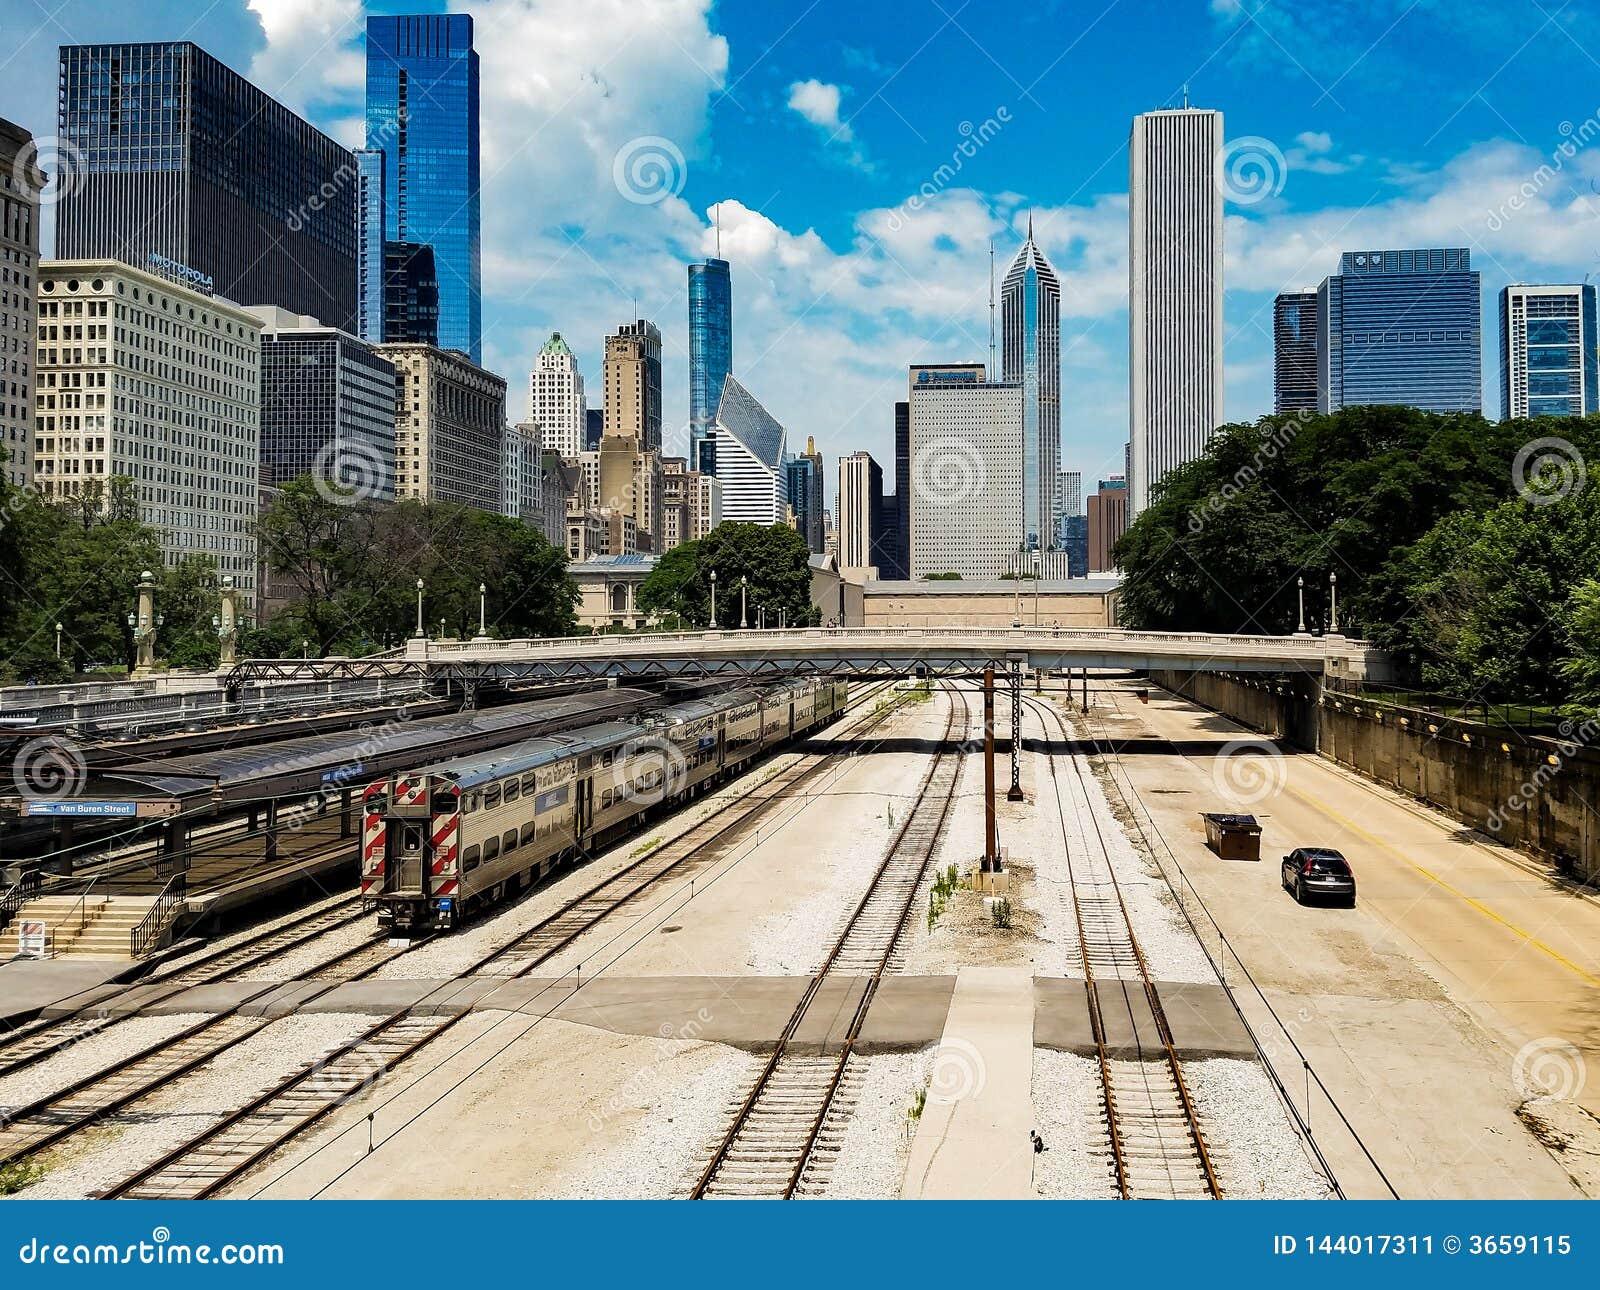 Chicago, Illinois, de V 07 05 2018 Het landschap van Chicago met trein op een spoorweg en auto s op een weg vooraan